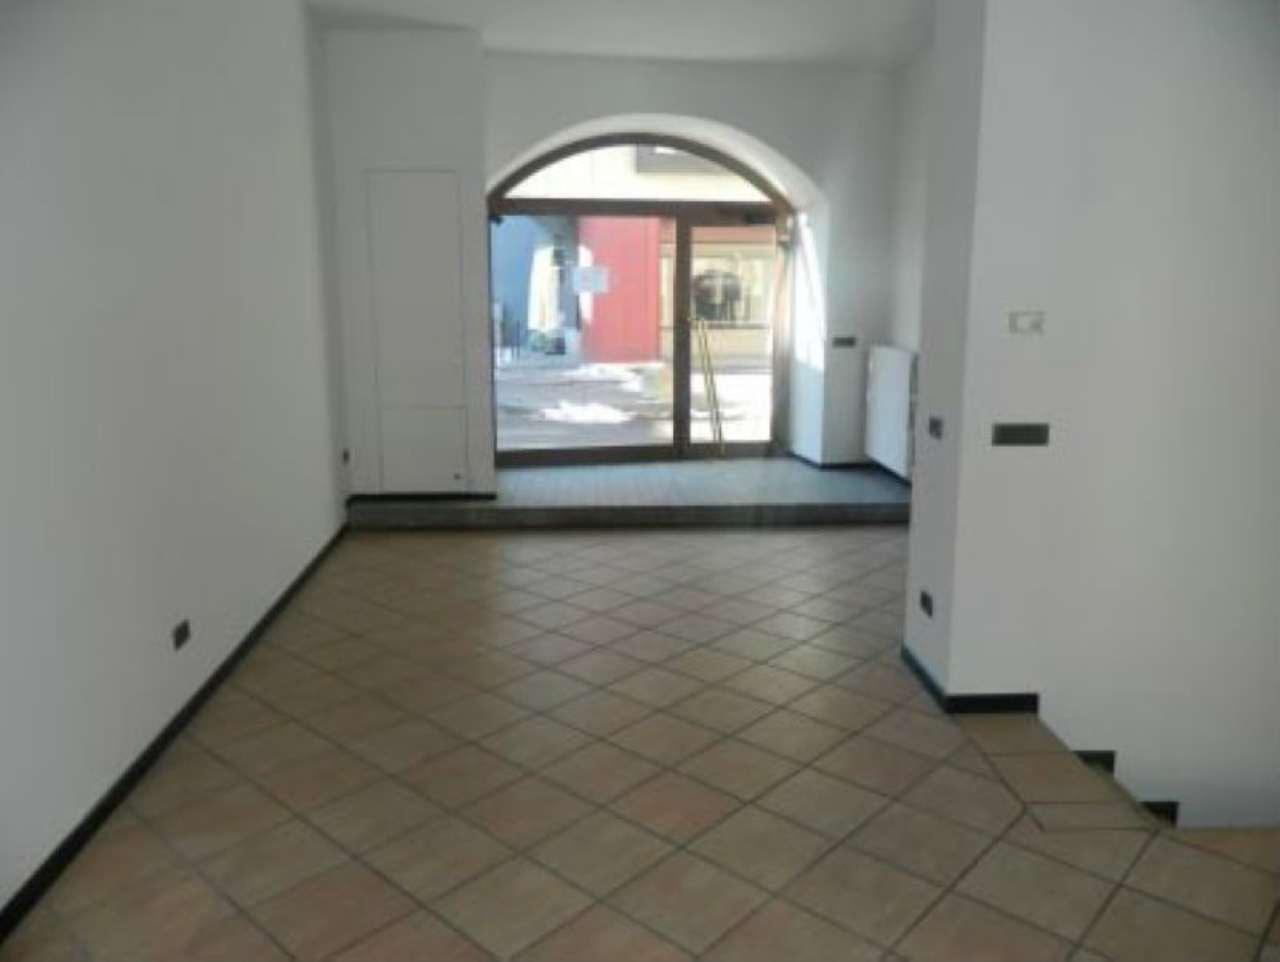 Negozio / Locale in vendita a Sondrio, 2 locali, prezzo € 100.000 | CambioCasa.it